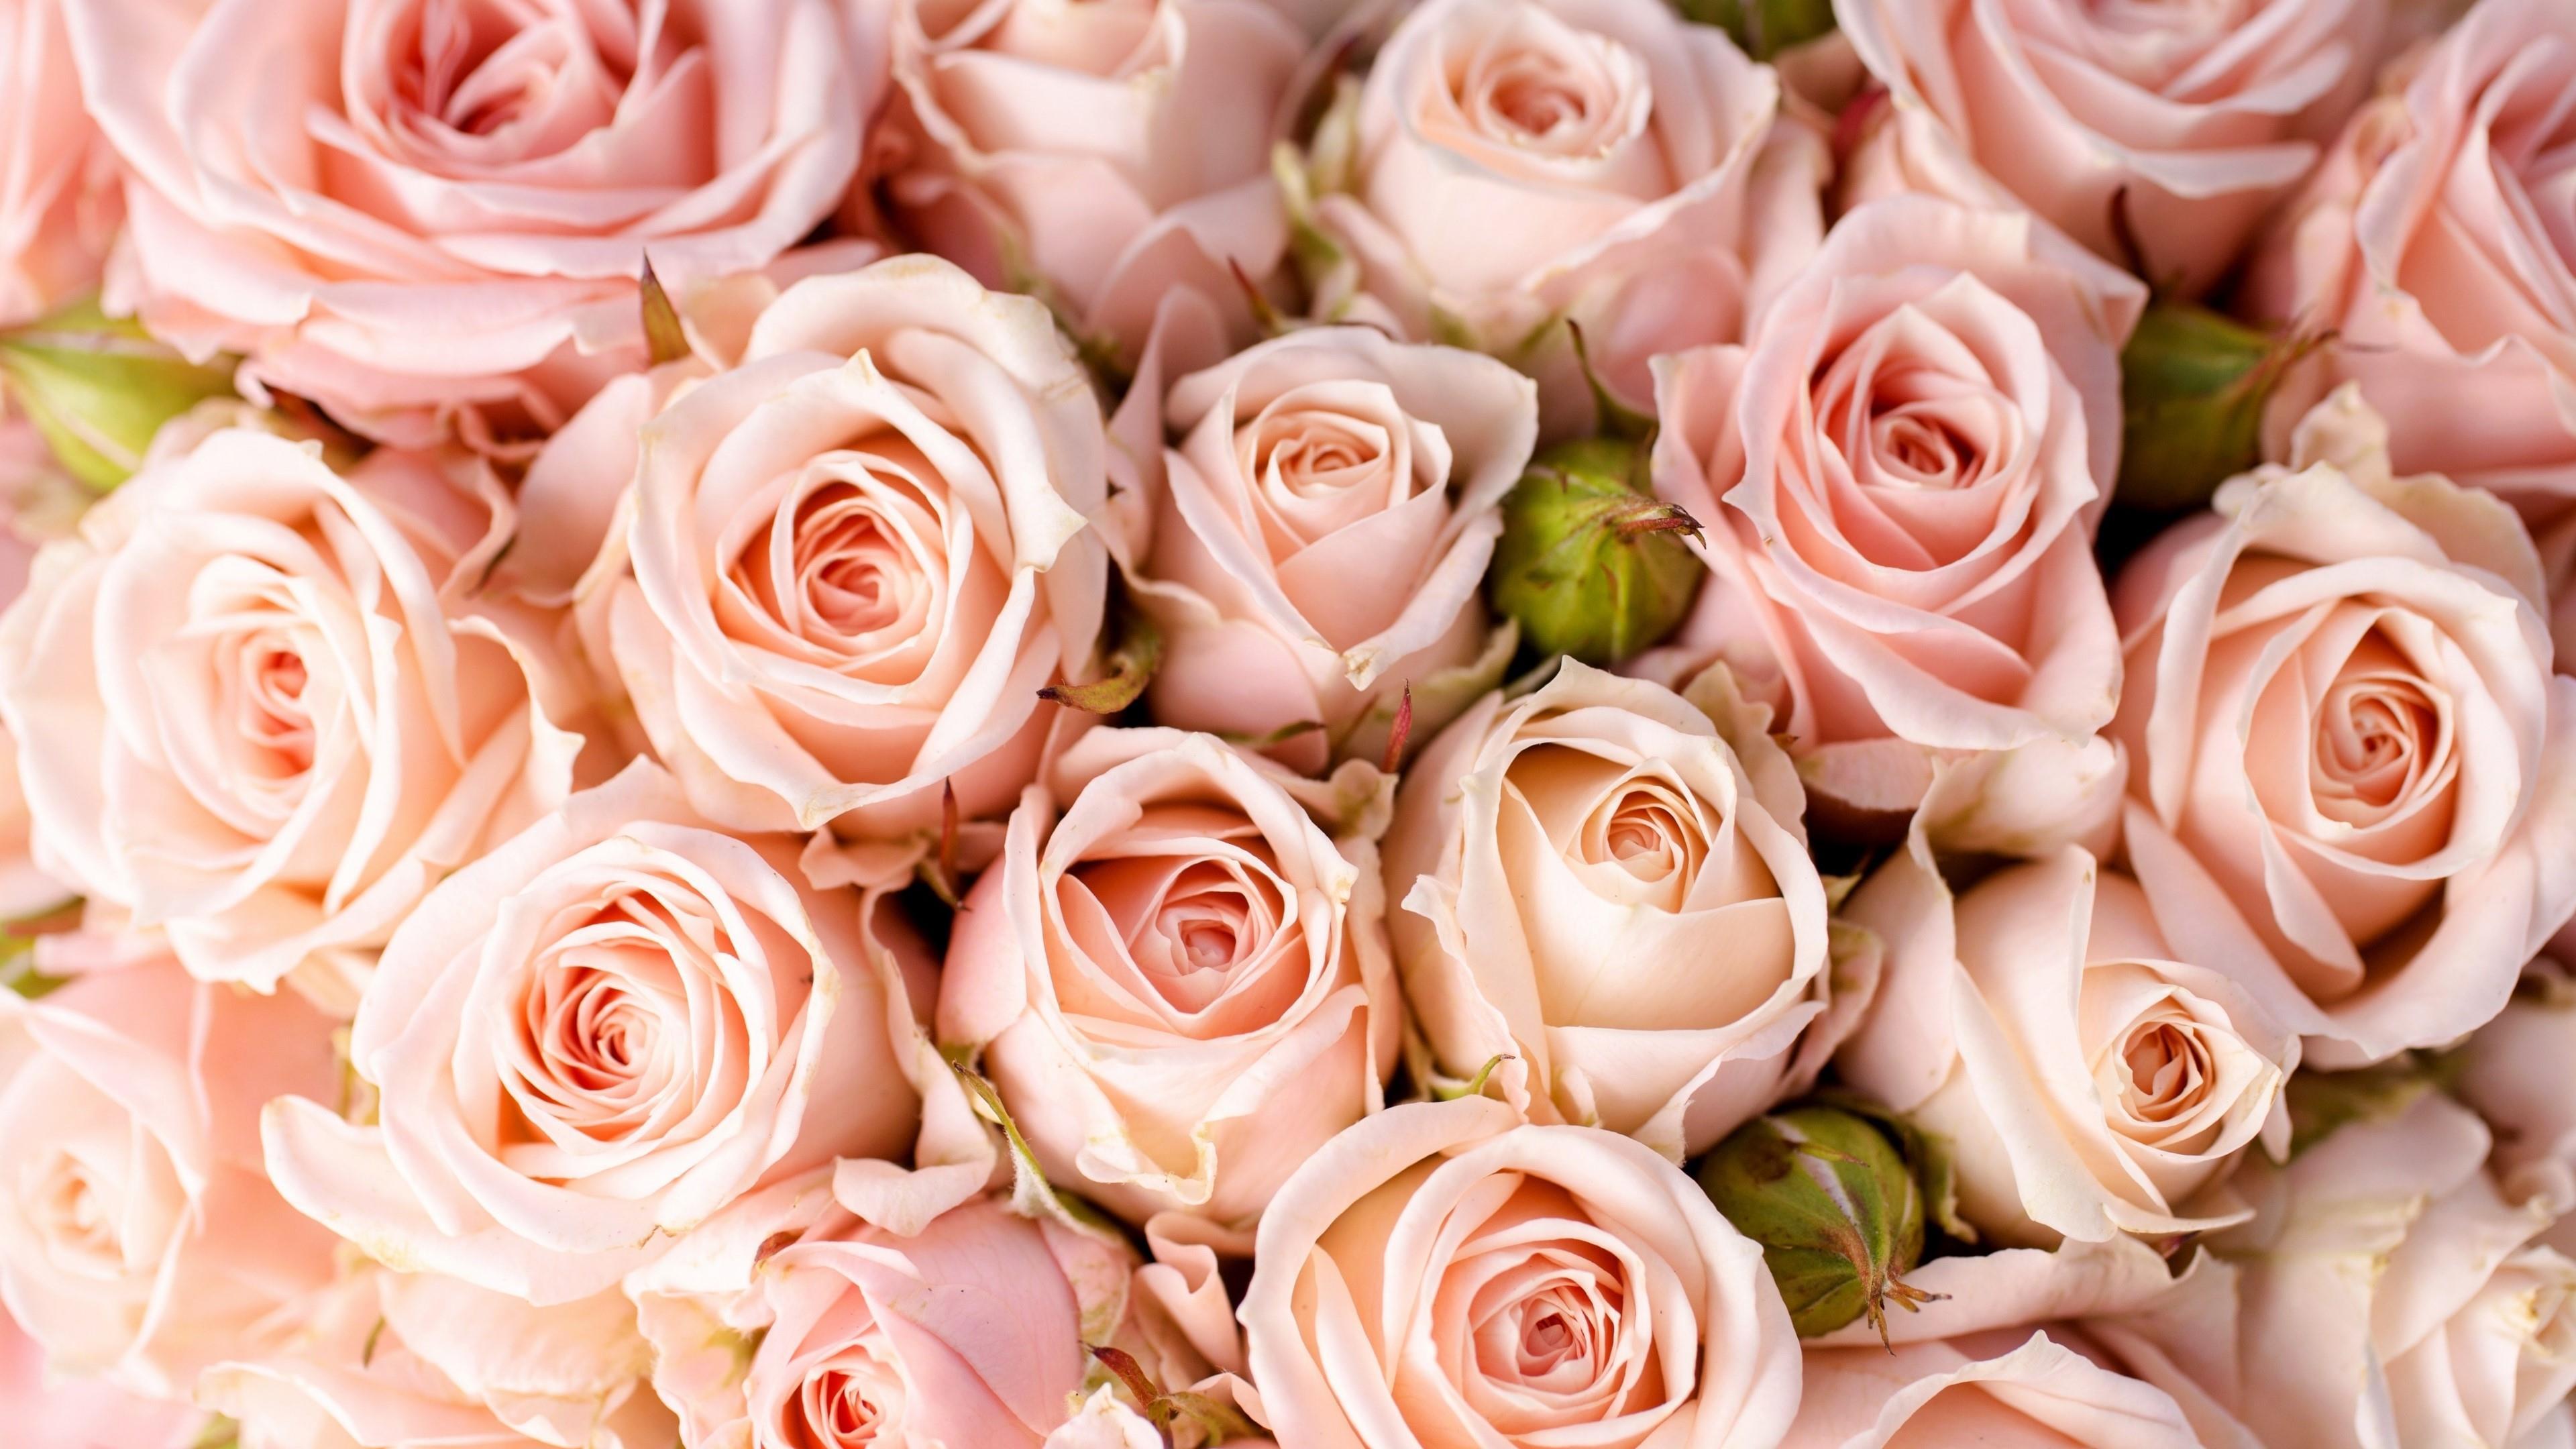 Pale pink rose wallpaper